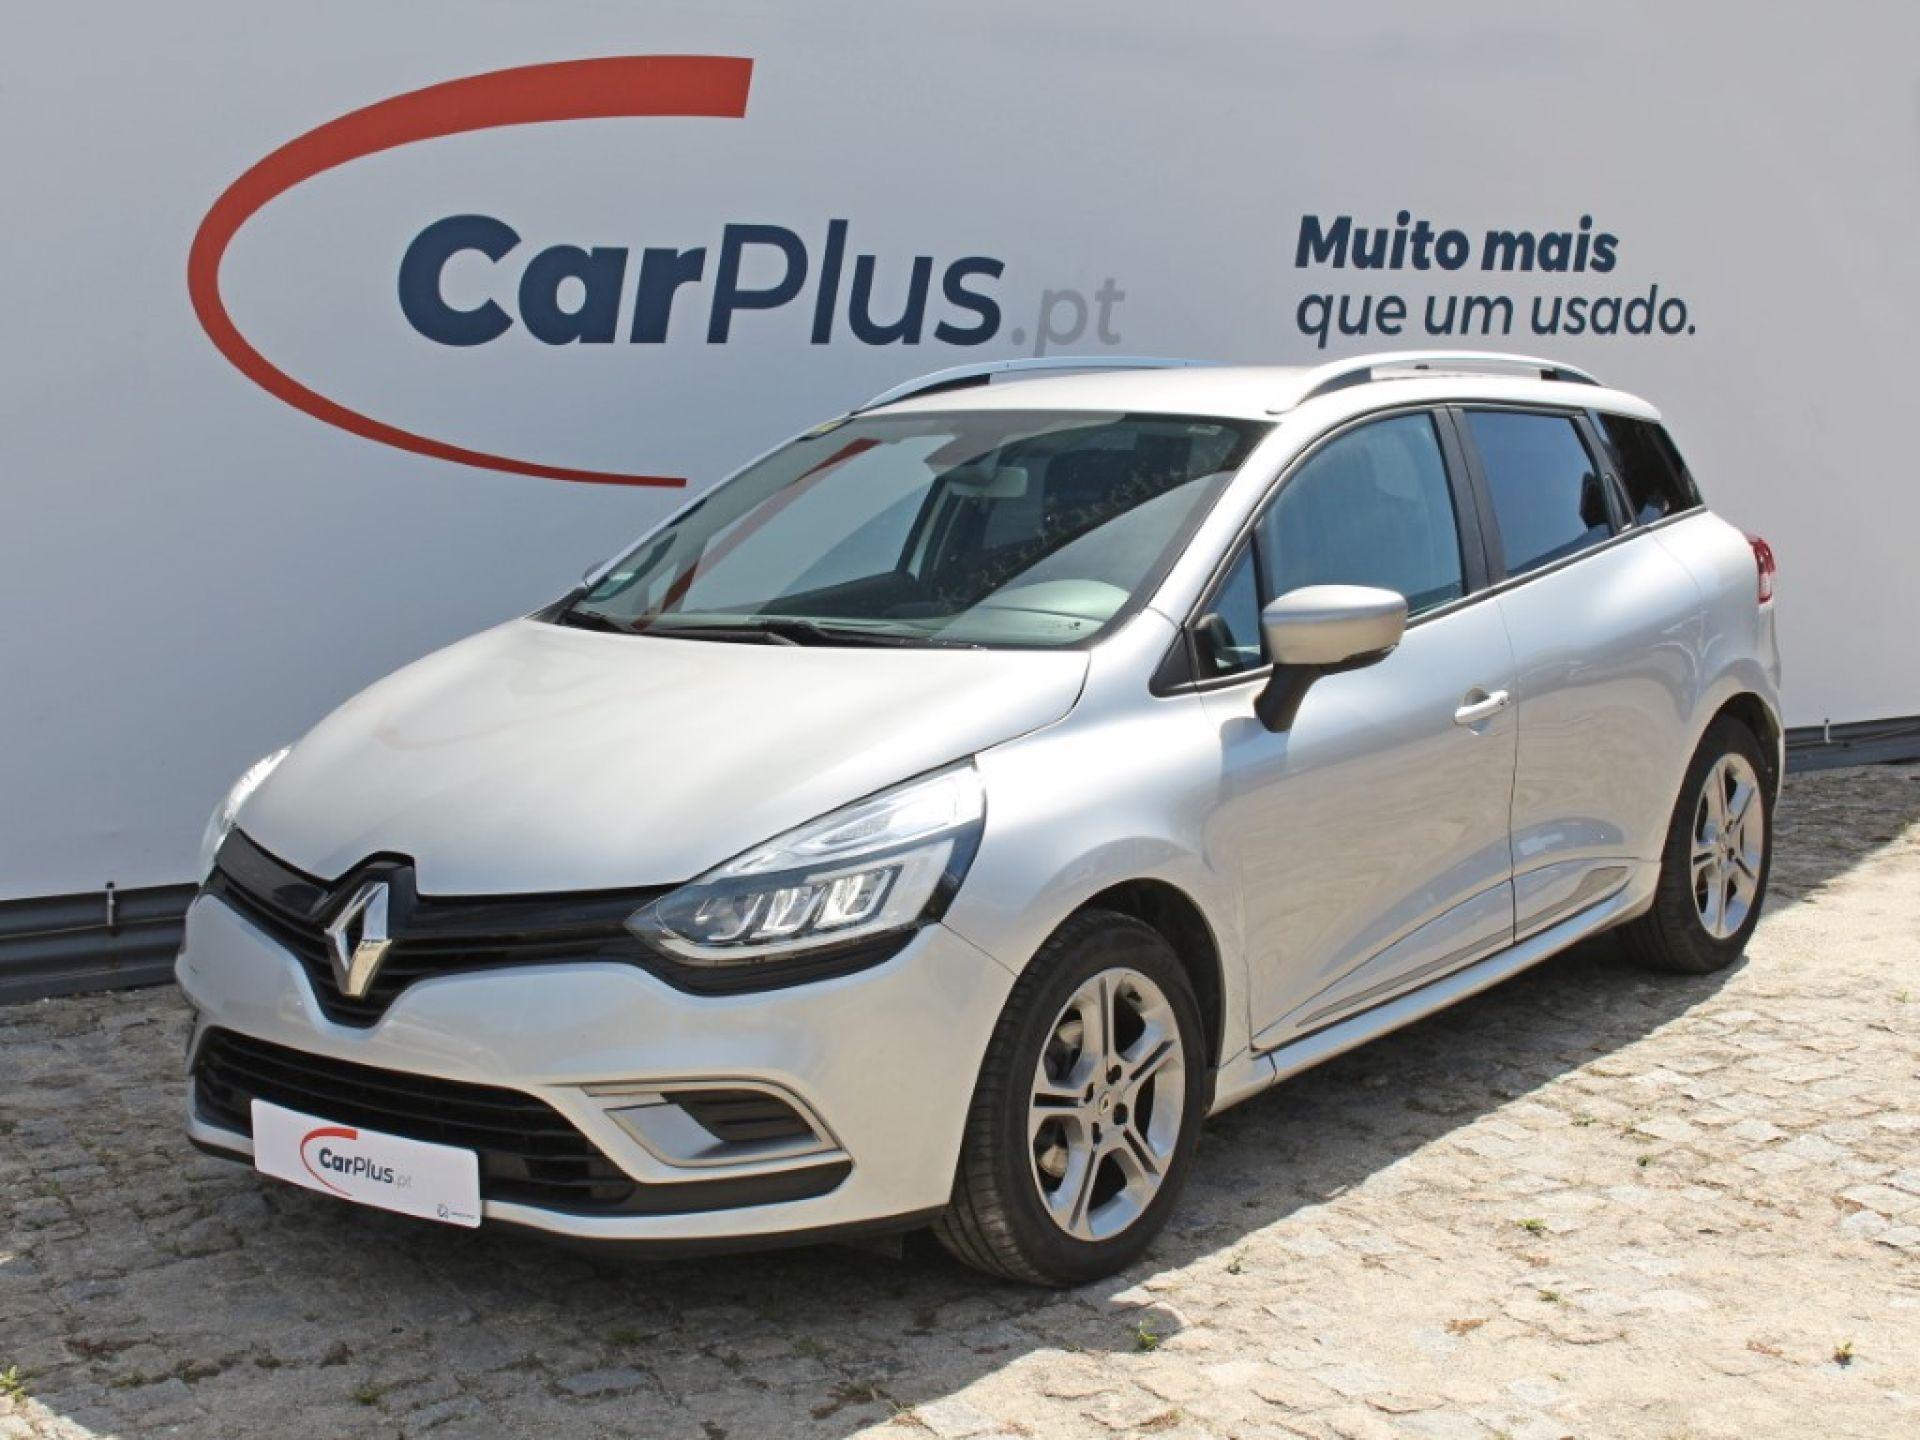 Renault Clio 1.5 dCi 90 GT Line segunda mão Porto